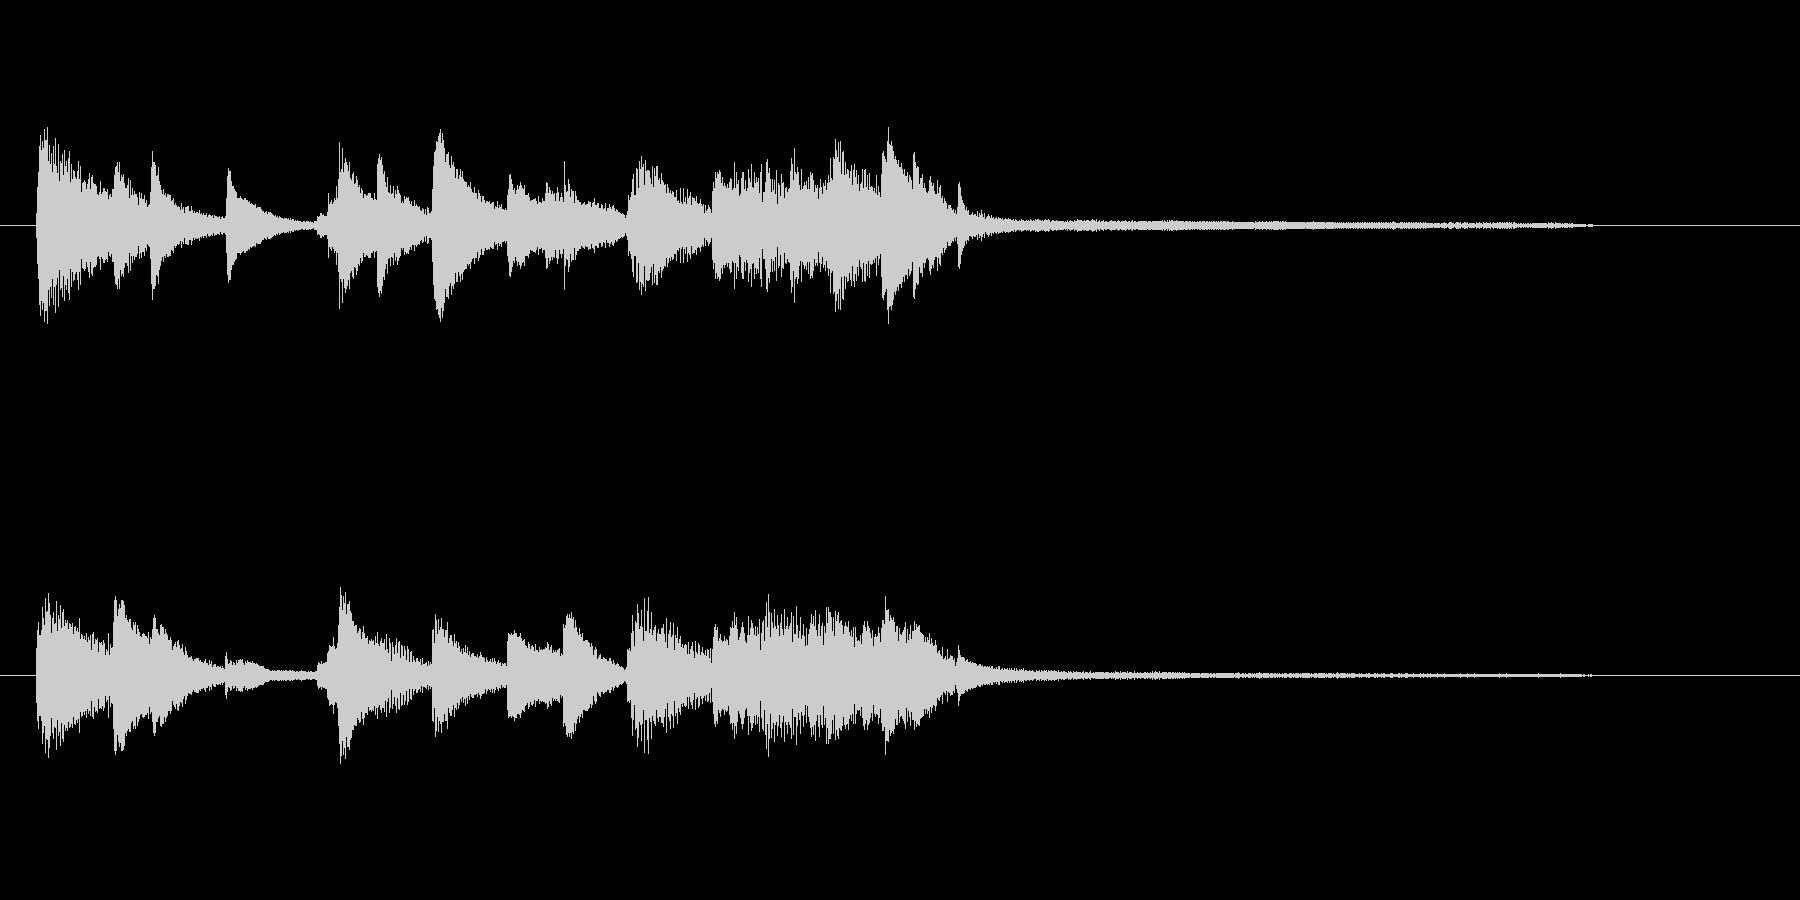 きれいで上品ピアノジングル、サウンドロゴの未再生の波形